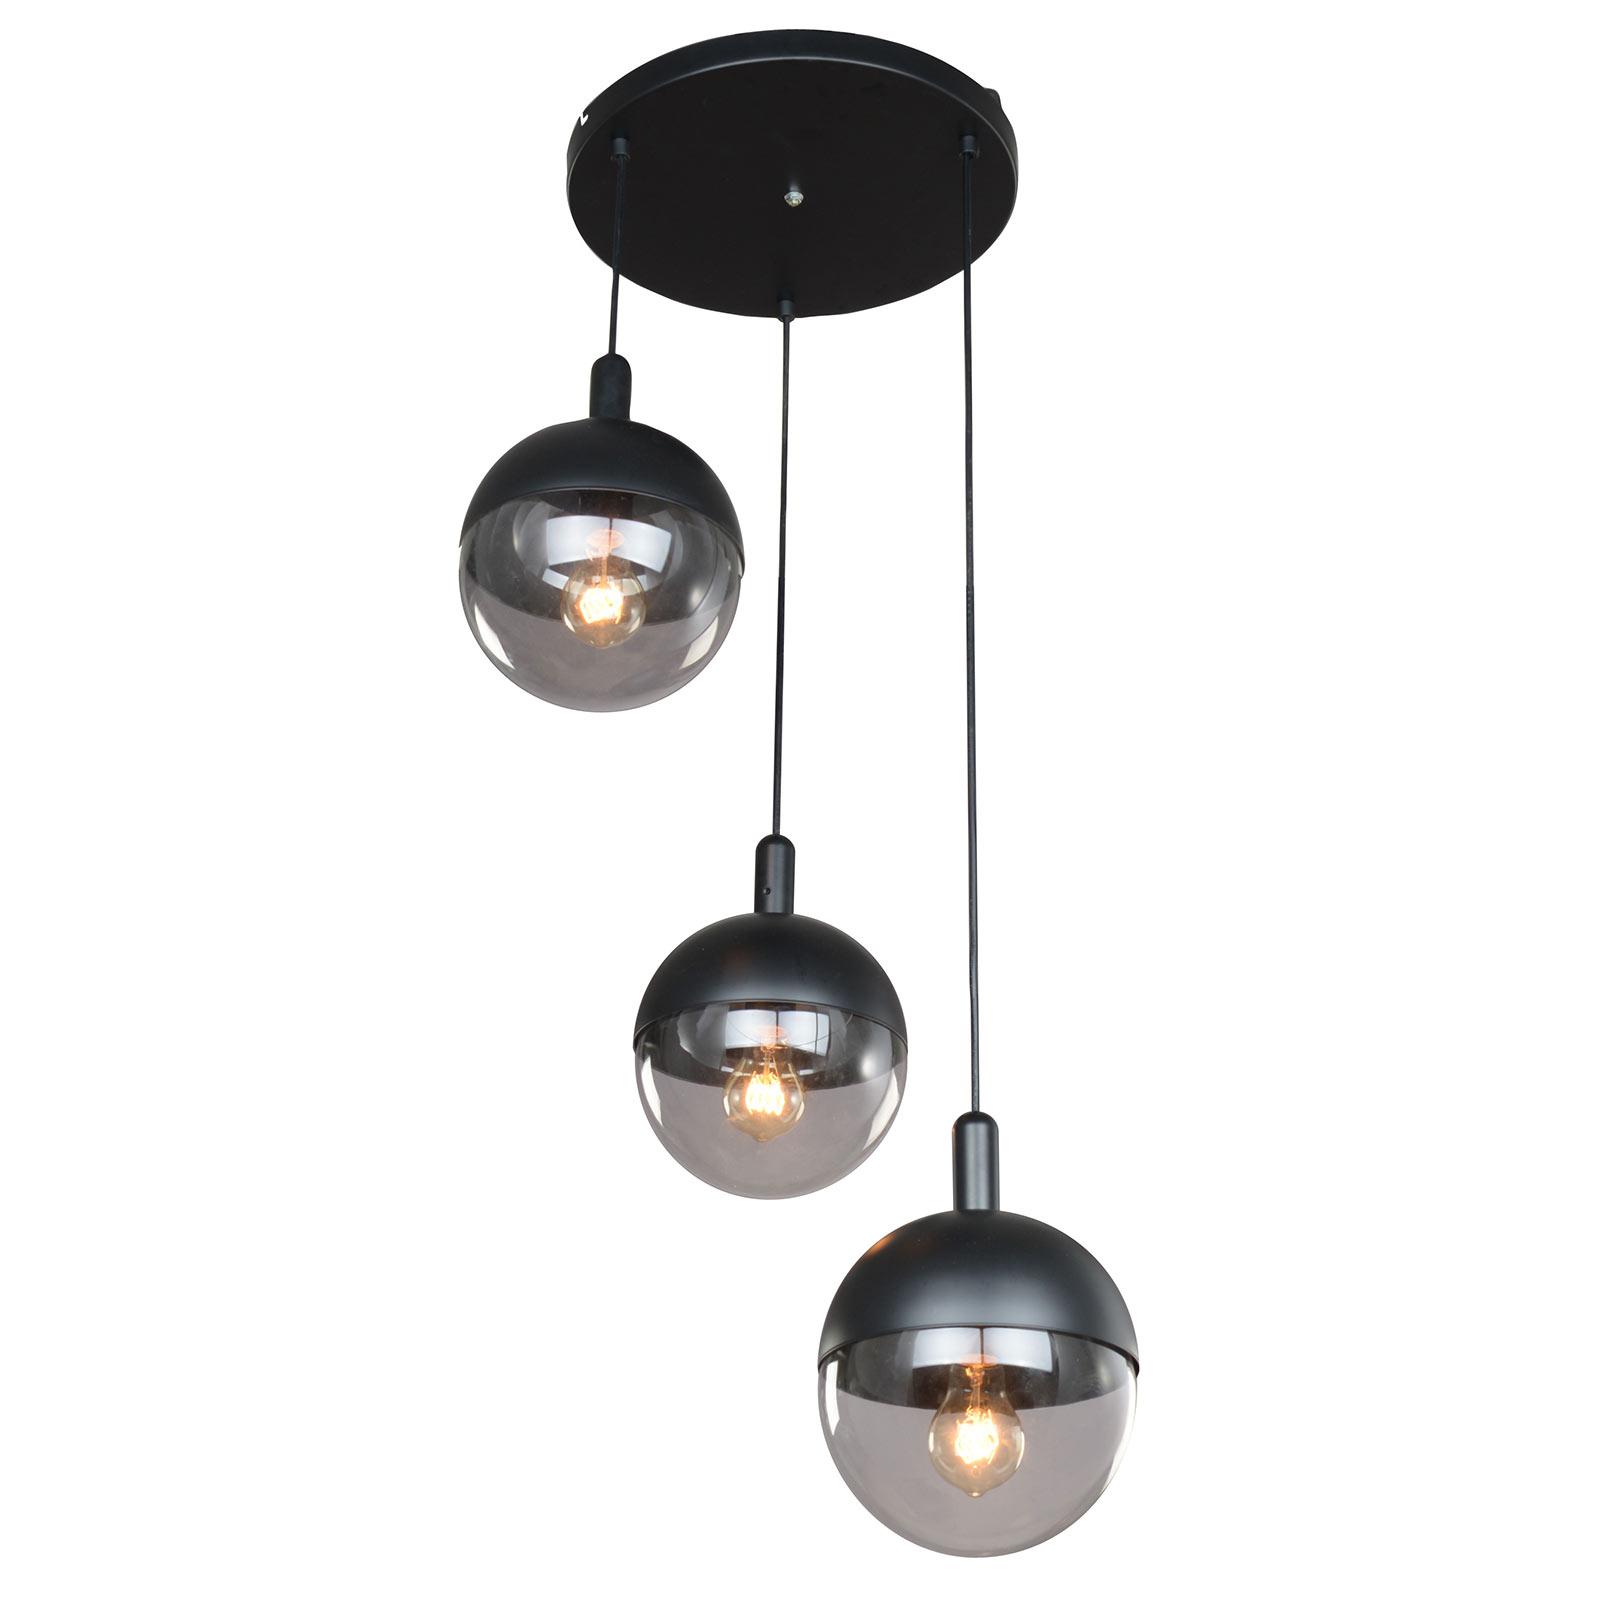 Lucande Dustian lampa wisząca, 3-pkt., 51 cm